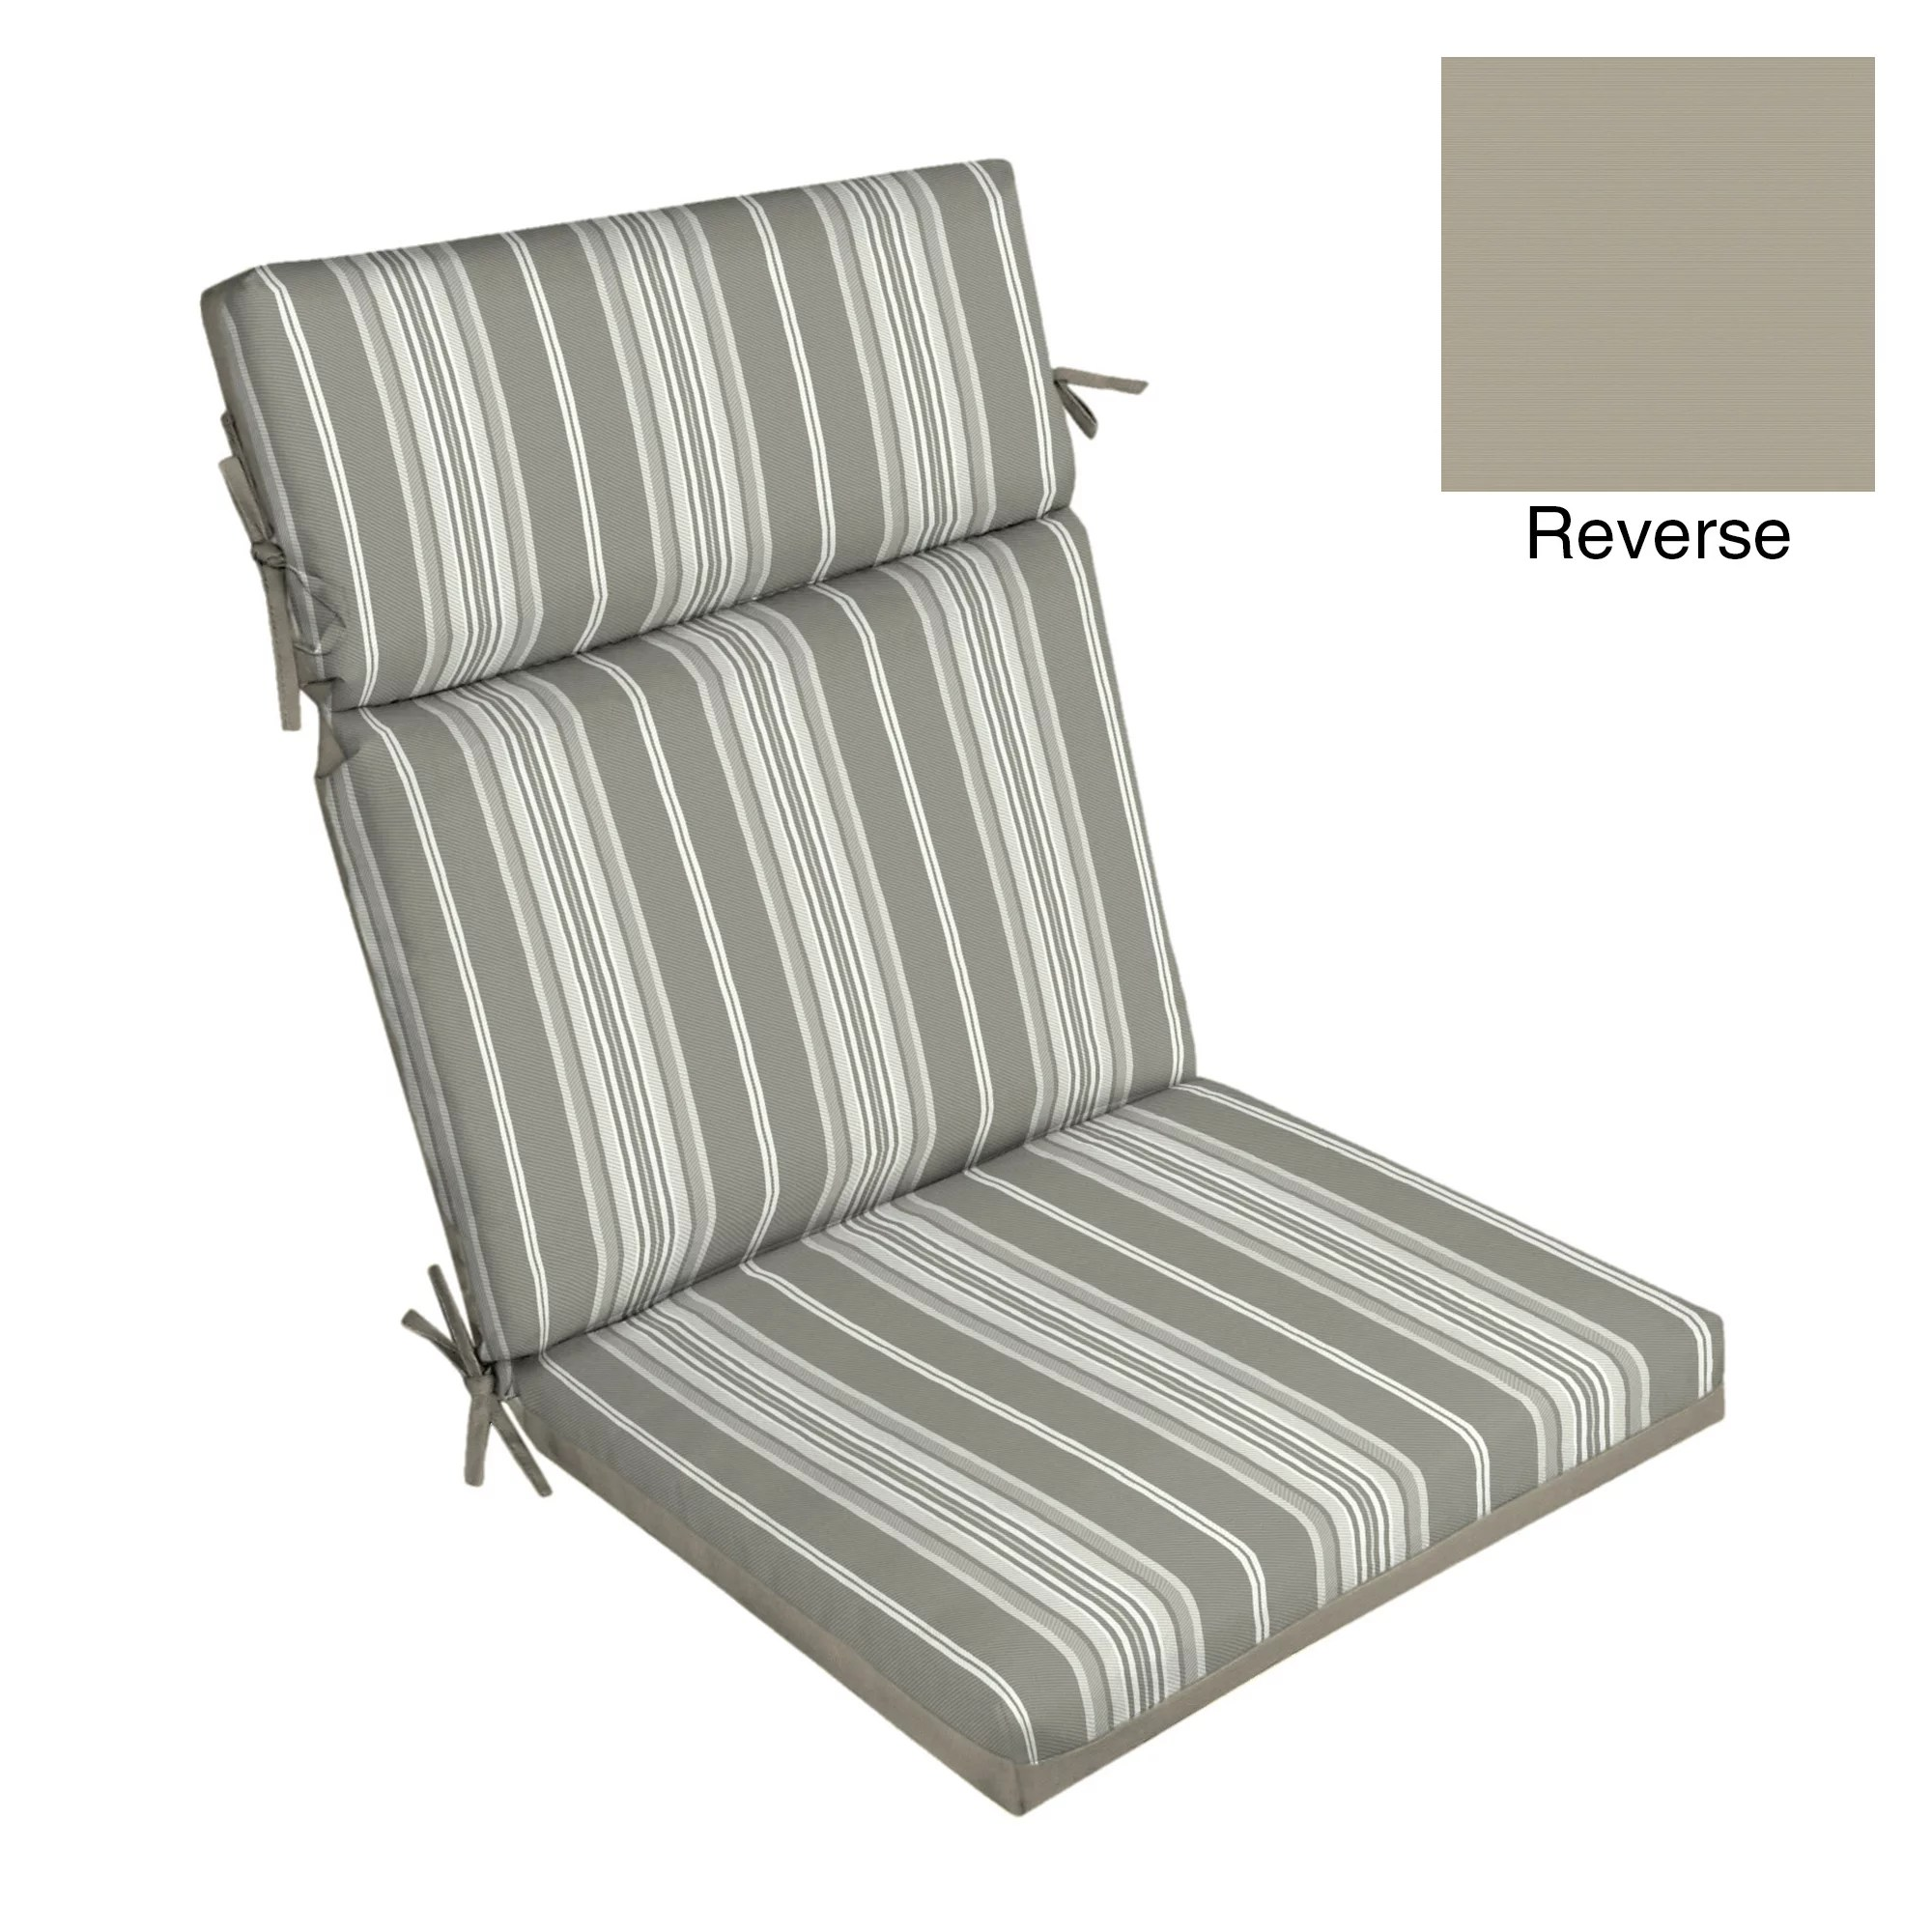 chair cushions outdoor cushions